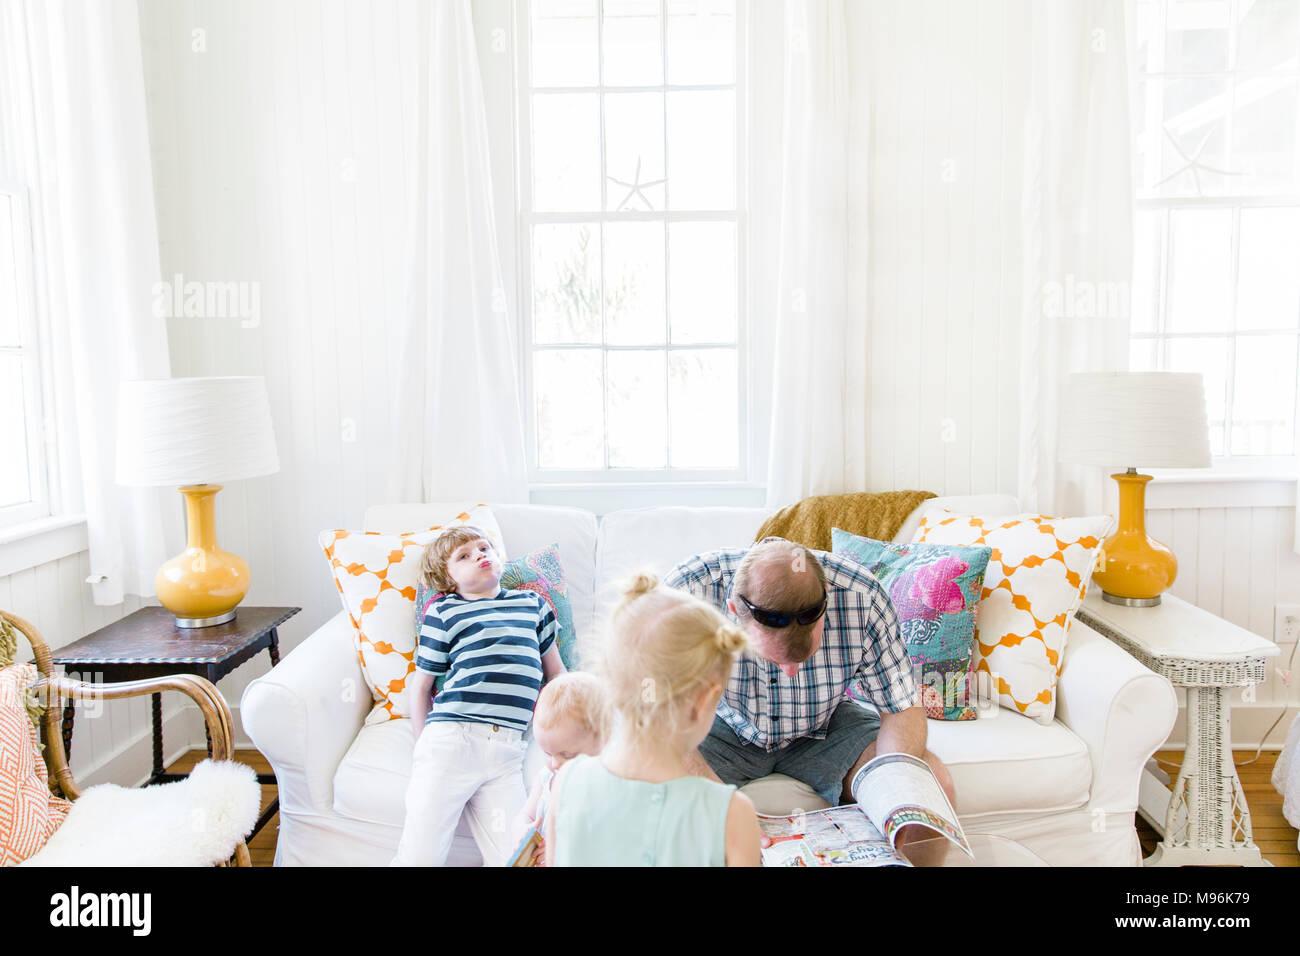 L'uomo la lettura sul divano con bambini intorno a lui Immagini Stock